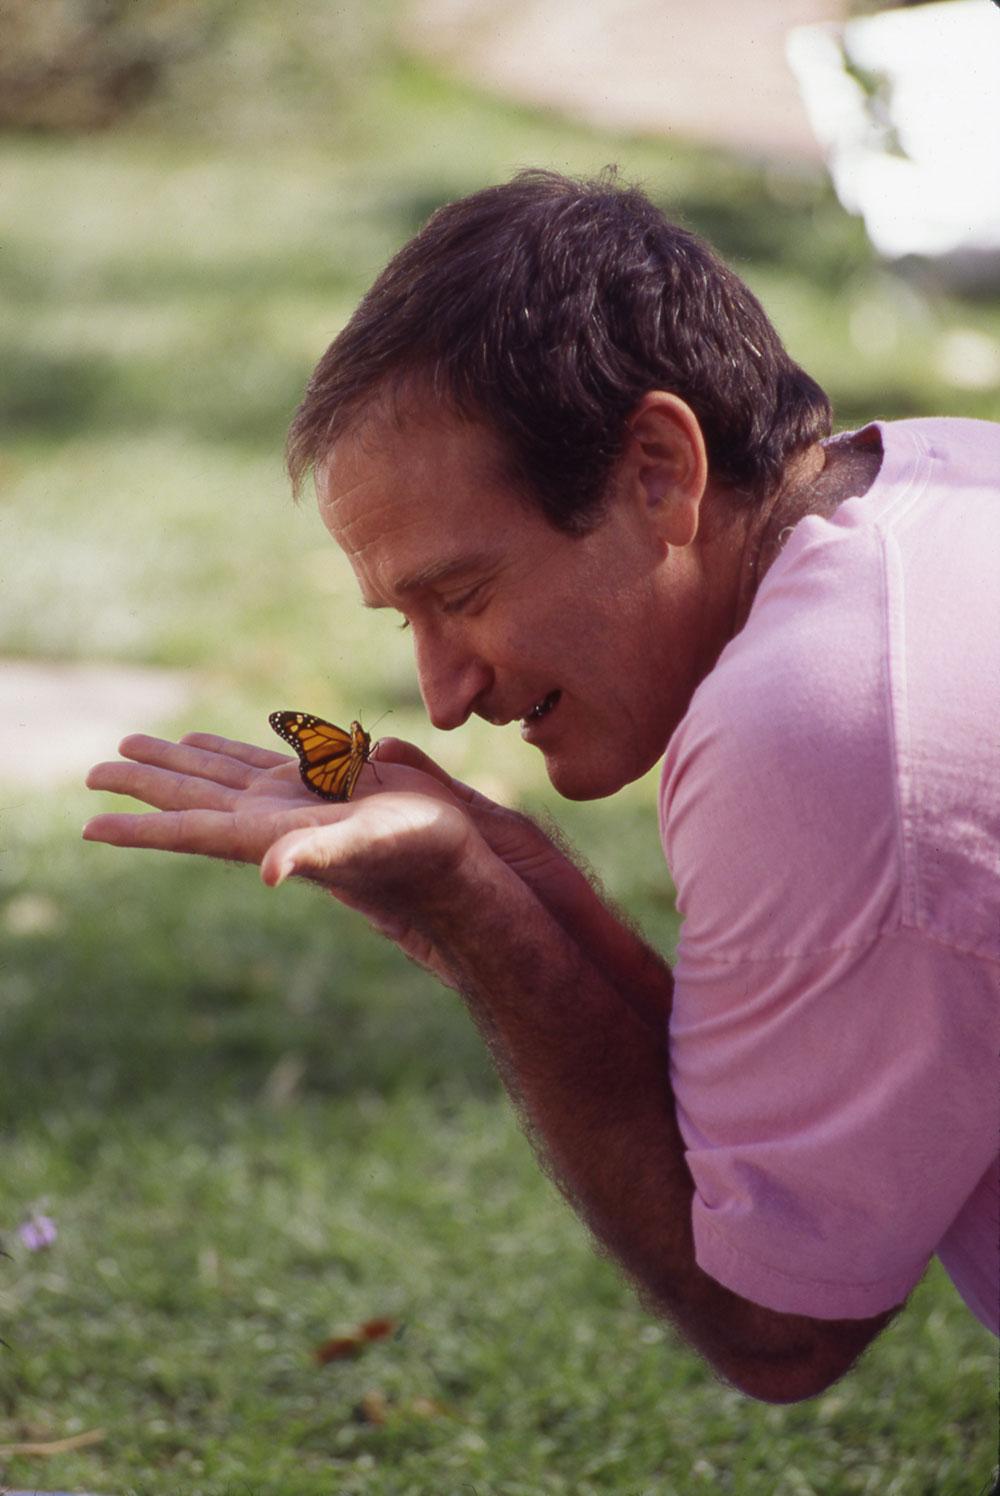 Jack Robin Williams Quotes. QuotesGram